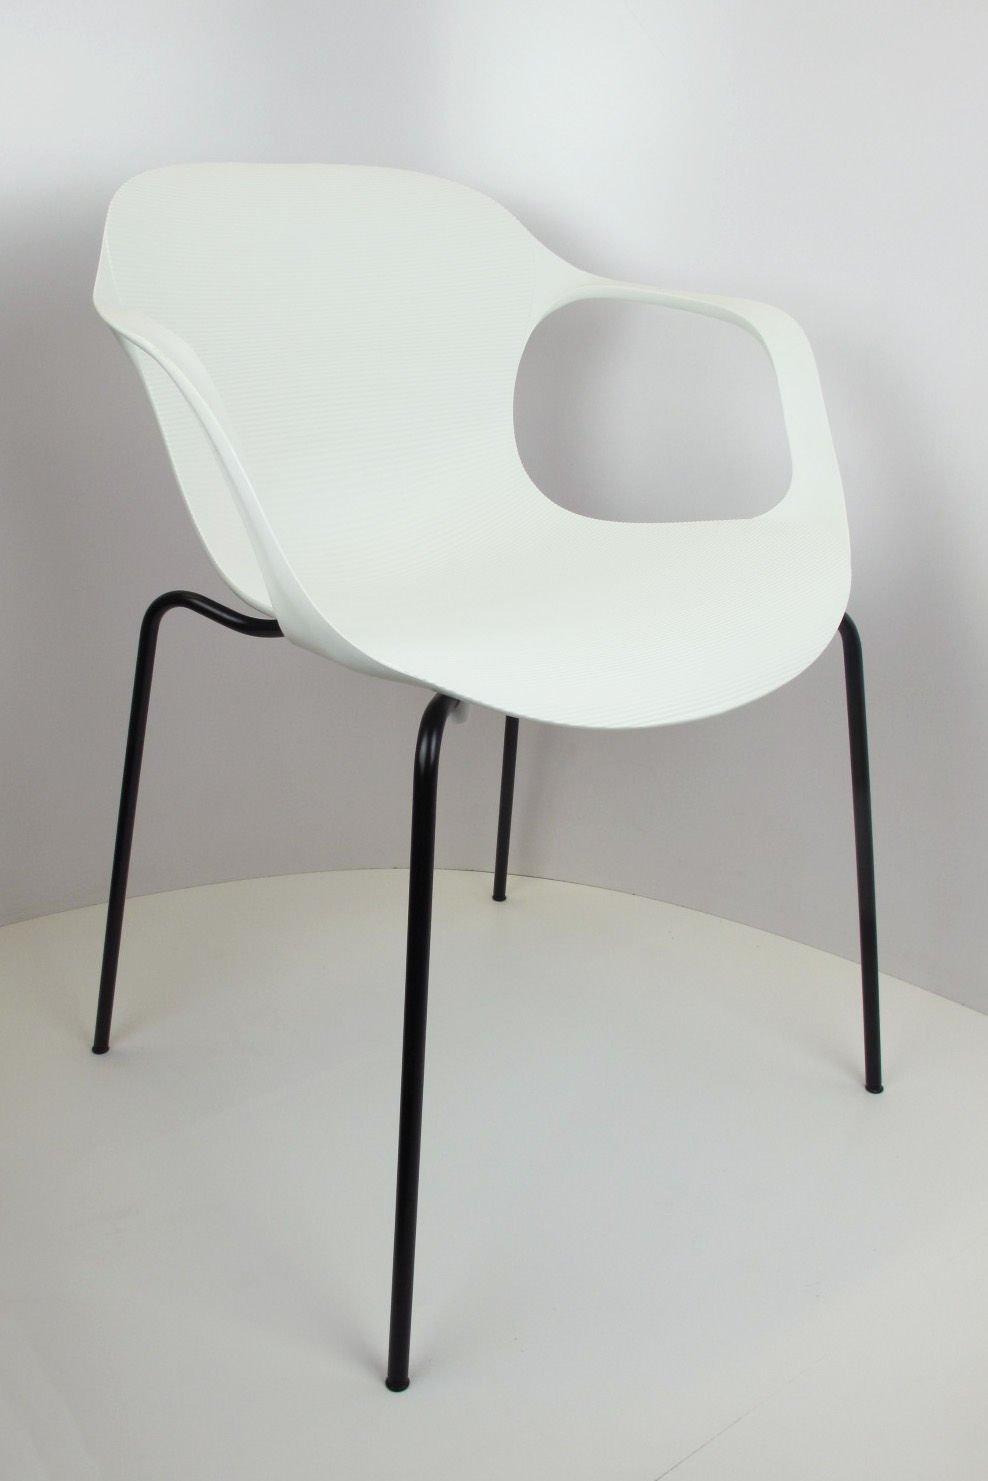 sk design kr018 weisser stuhl mit metallgestell weiss schwarz angebot st hlen salon. Black Bedroom Furniture Sets. Home Design Ideas